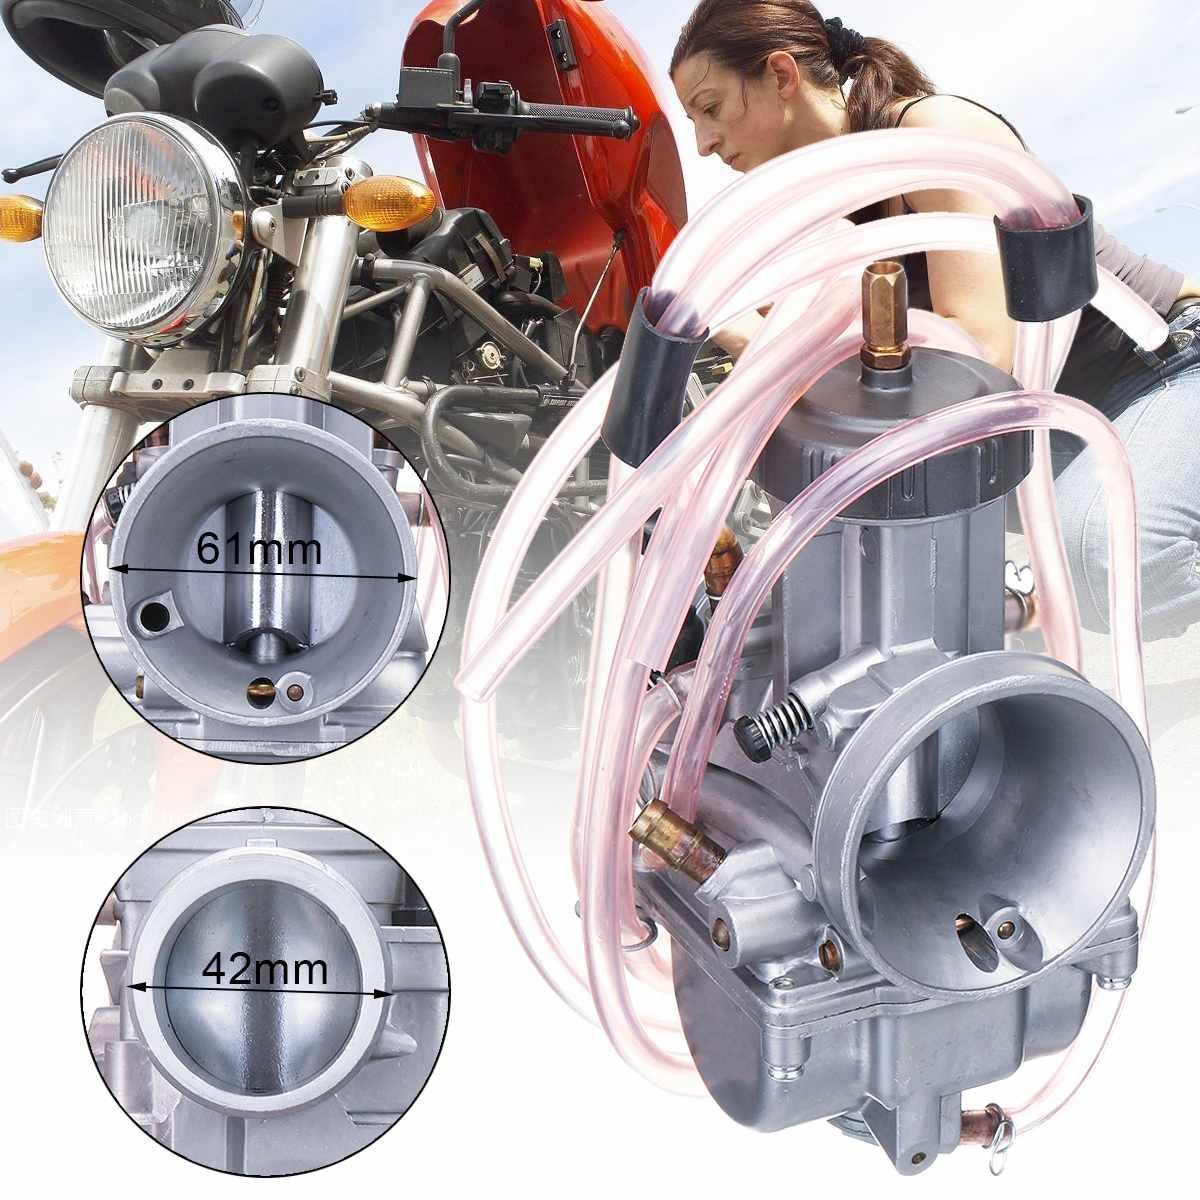 Carburateur de PWK de 36mm pour Honda pour le carburateur de pièces d'alimentation de carburant de moto de moteur de Suzuki pour Kawasaki pour le Scoote de moto de saleté de Yamaha